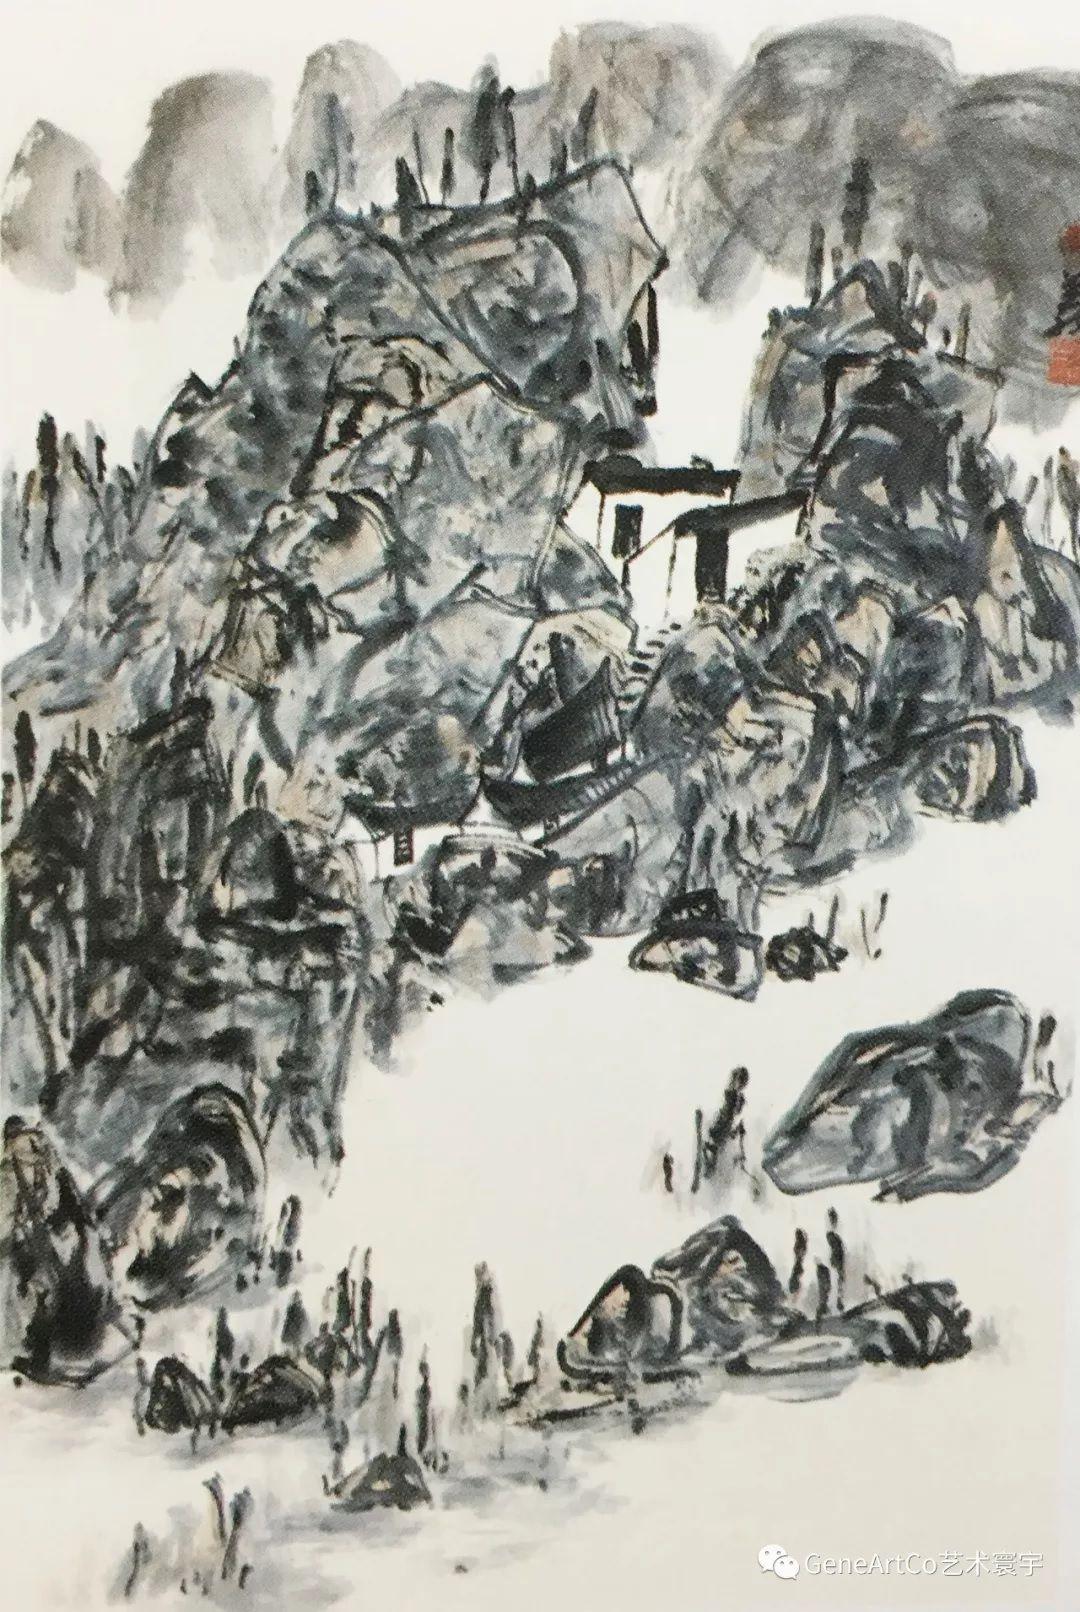 歸隱寧靜的山水畫《巴山小景》飽含詩意(沉墨)